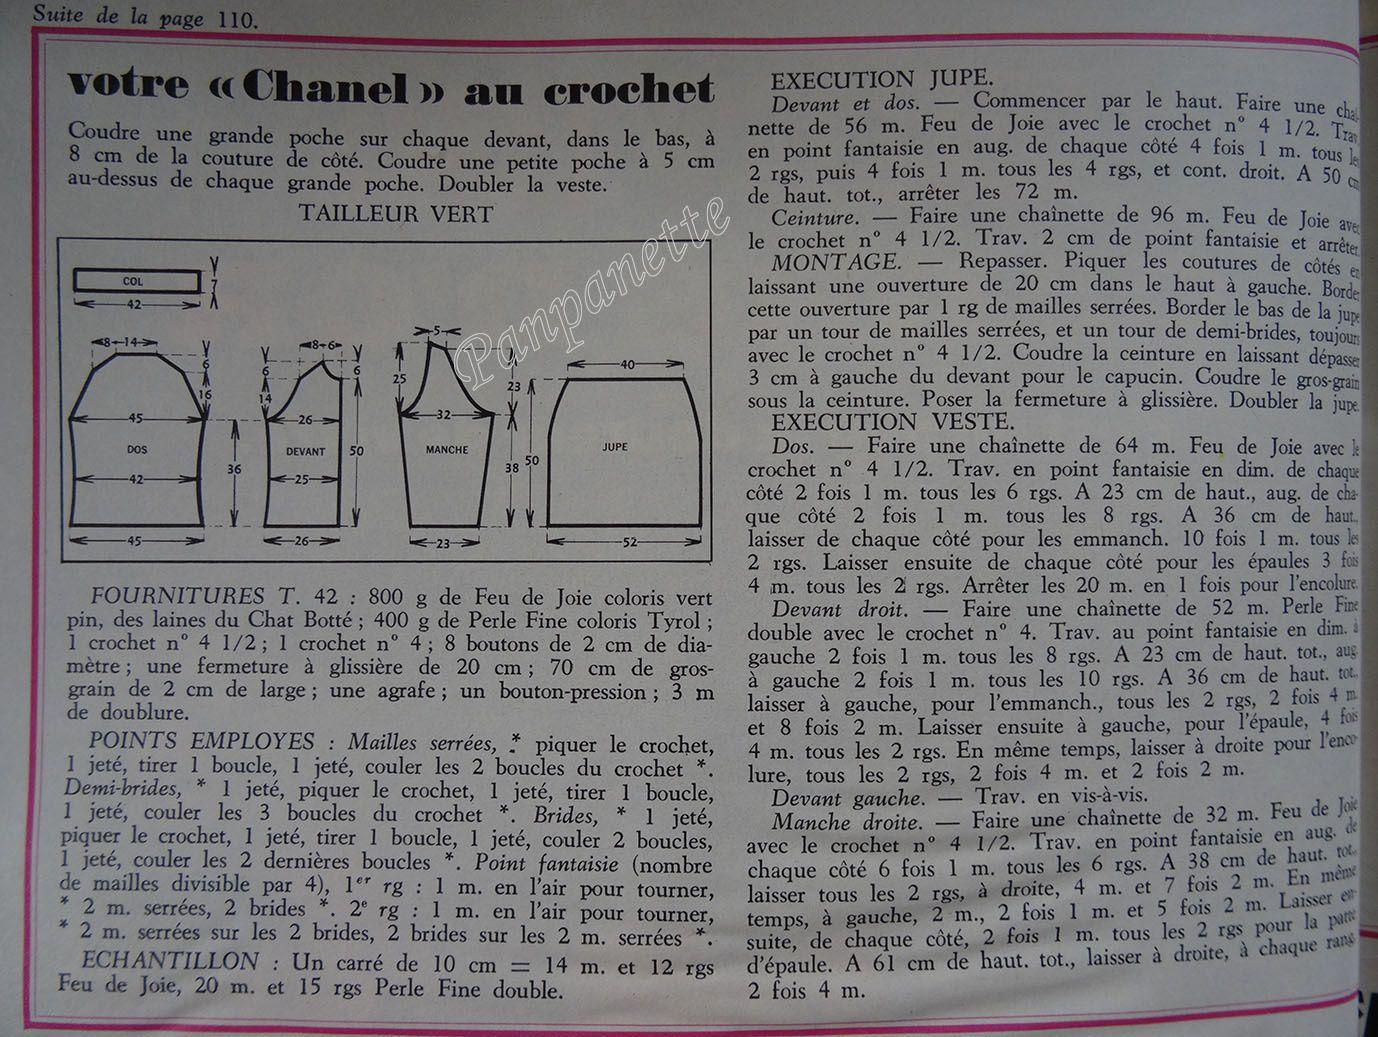 Tailleur Chanel au crochet